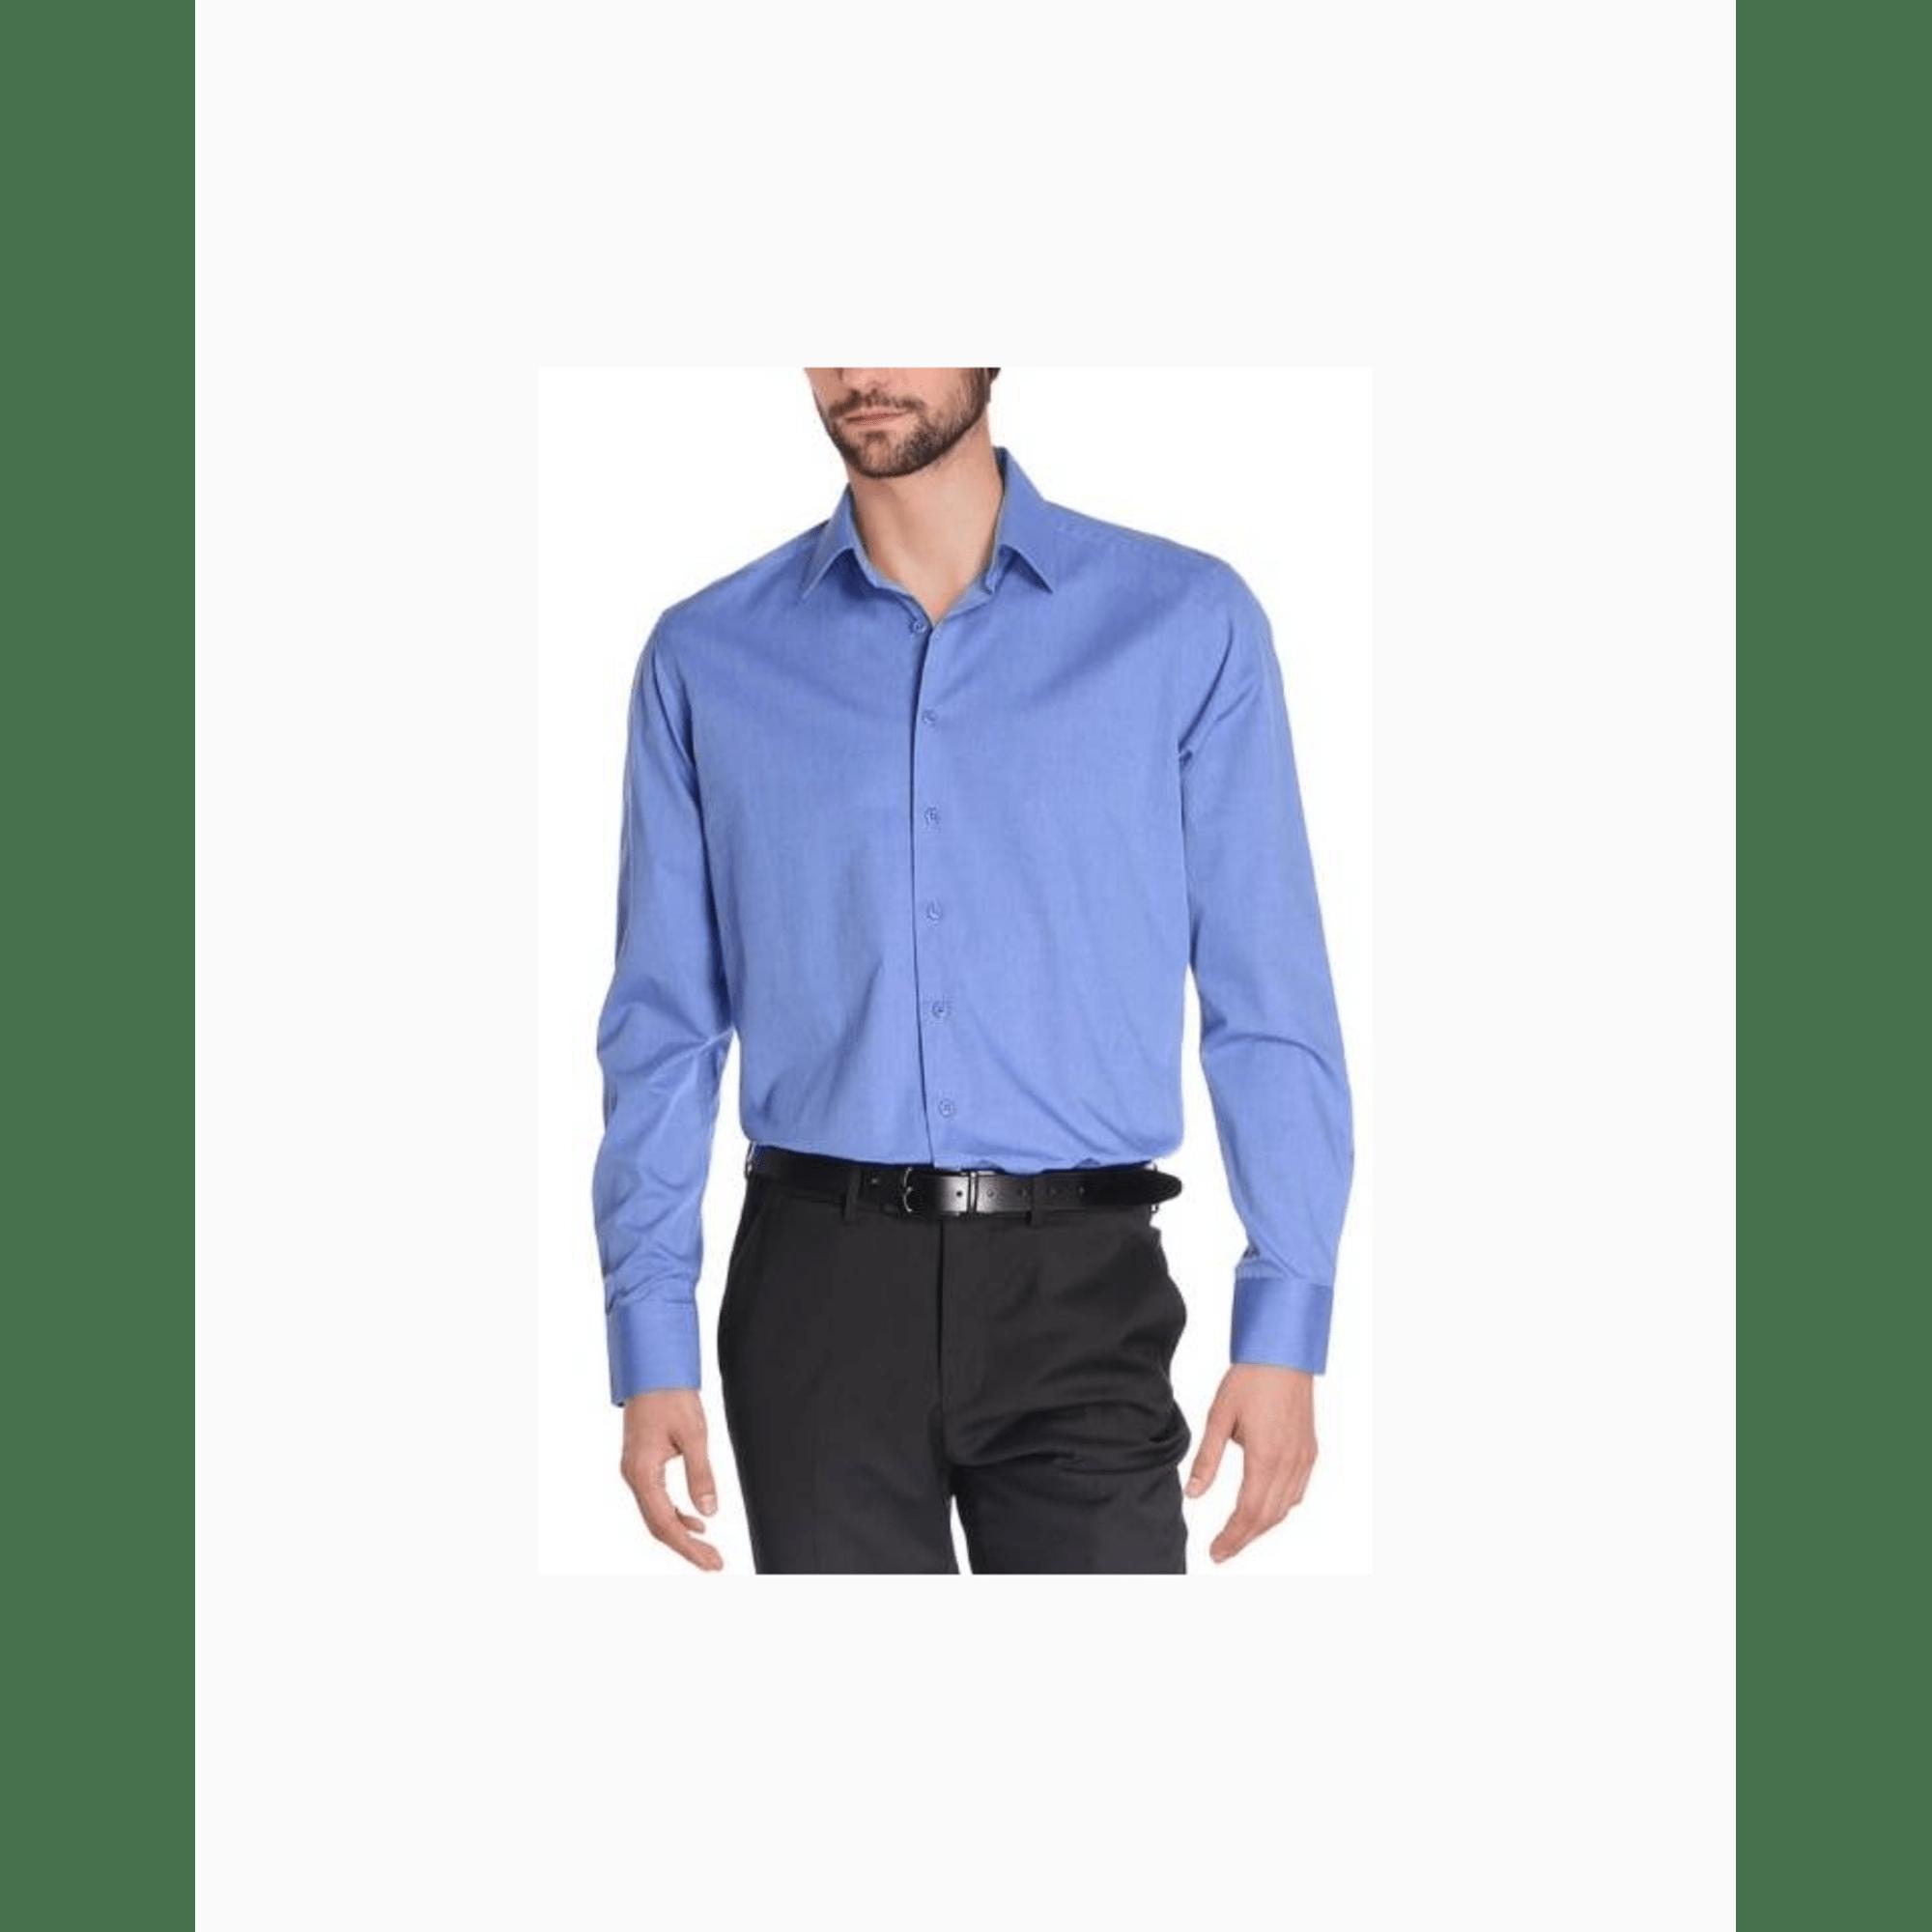 Alain Chemises Manoukian Homme Chemises Homme Chemises Homme Manoukian Manoukian Alain Alain Alain Manoukian 8O0Pknw